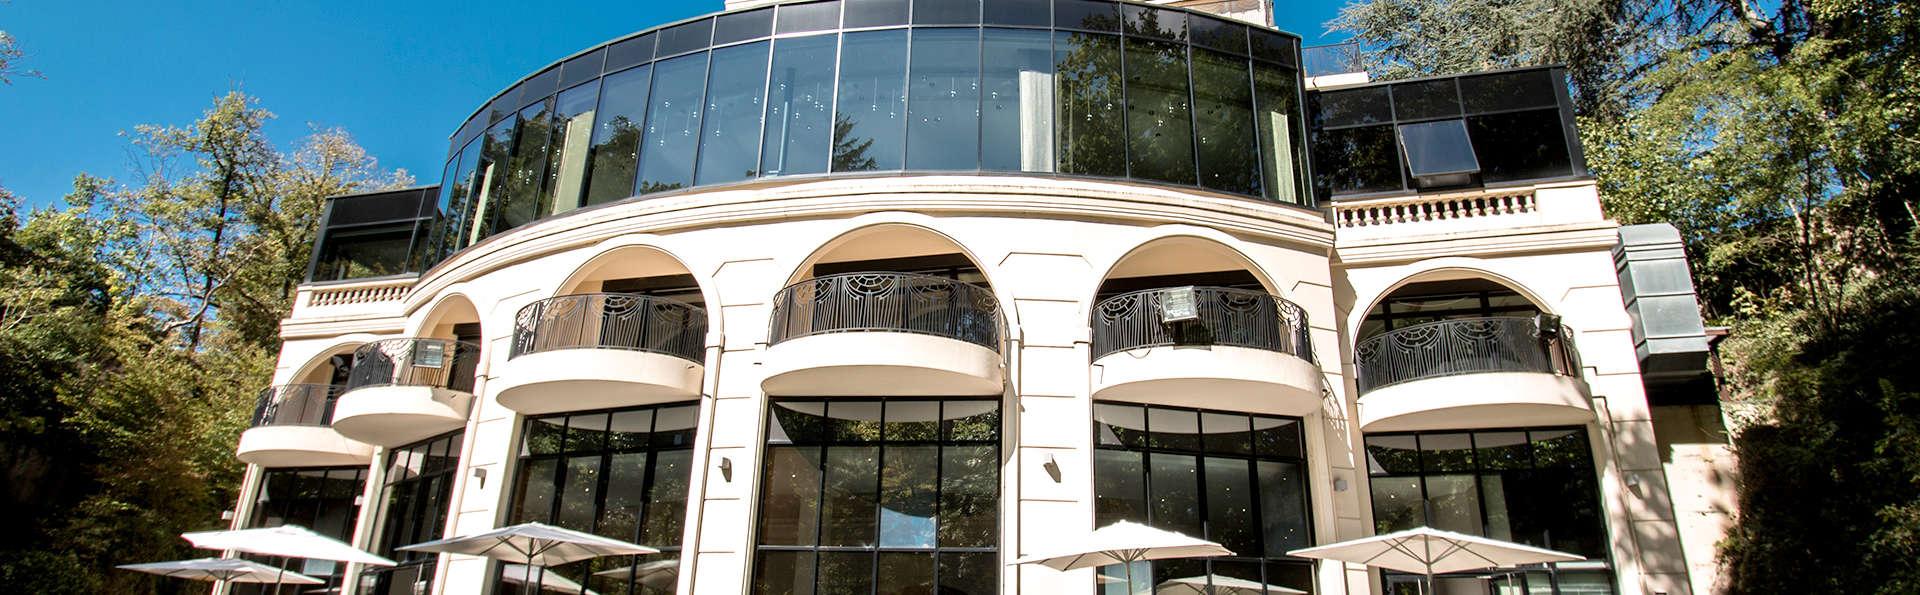 Casino real con cena en un hotel de 5* cerca de Lyon